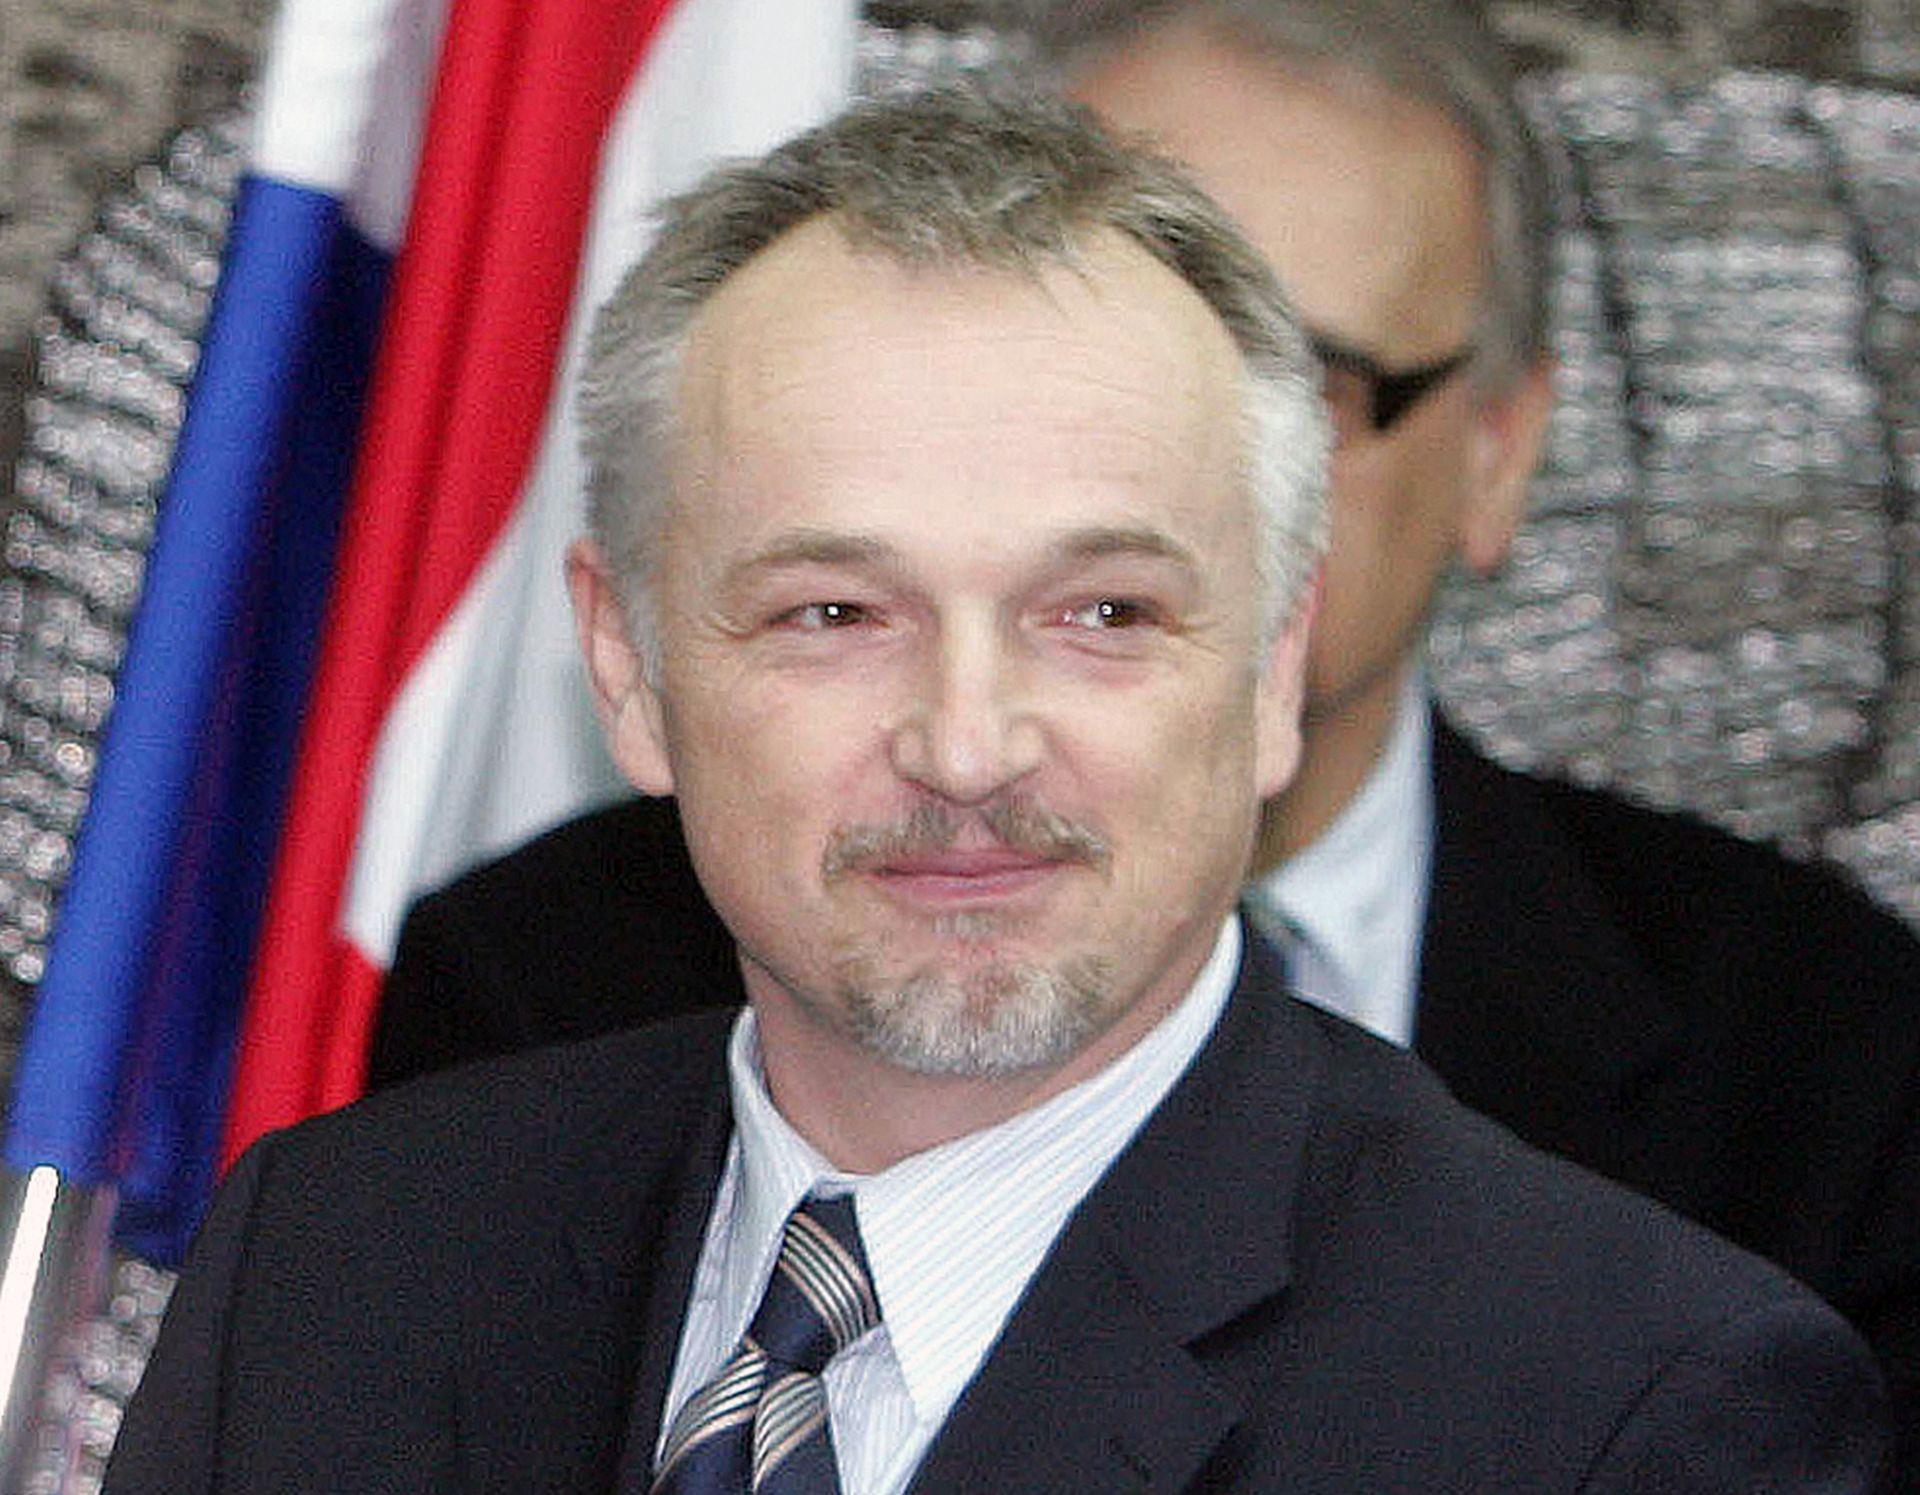 Mađarska mora izručiti Hernádija Hrvatskoj